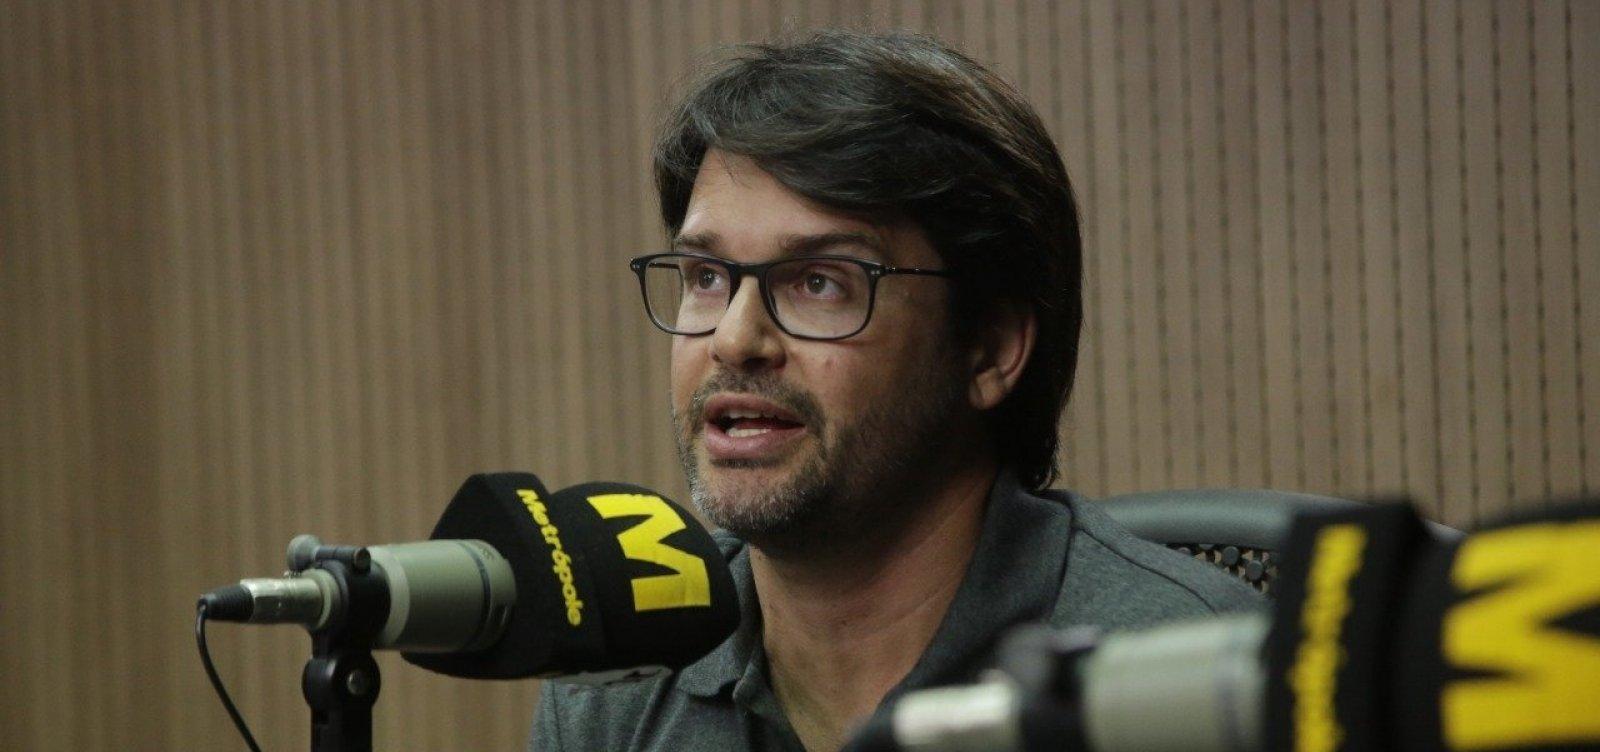 ['Qualquer jogador pode ser negociado', diz Bellintani sobre venda de atletas do Bahia]